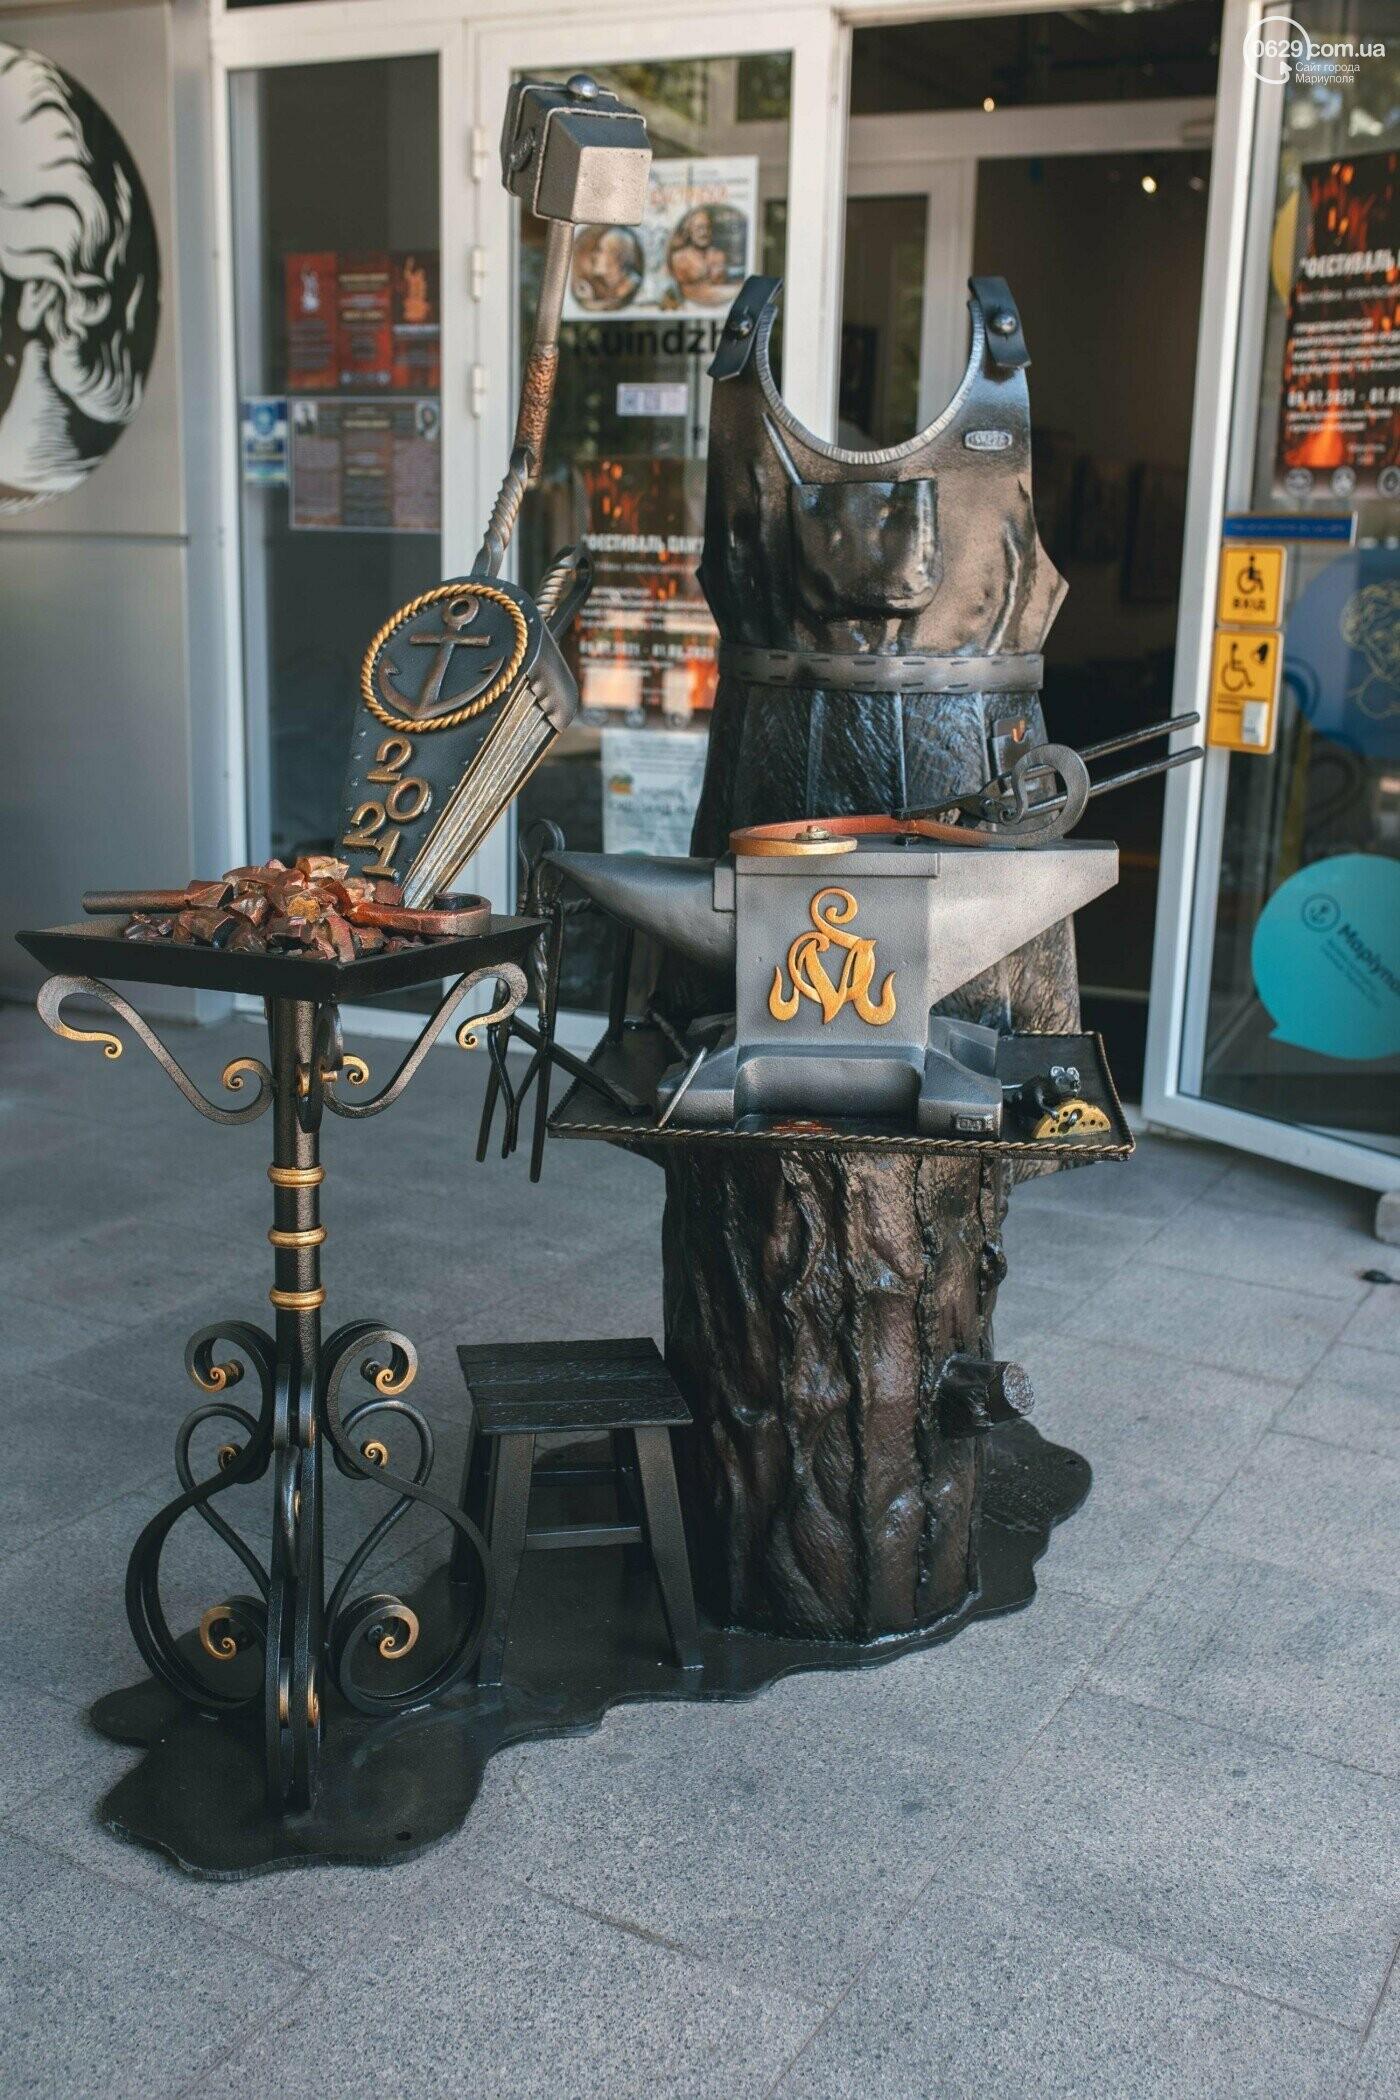 Ковані черепи, пірати та пальми. У Маріуполі відкрилася нова виставка, - ФОТО , фото-2